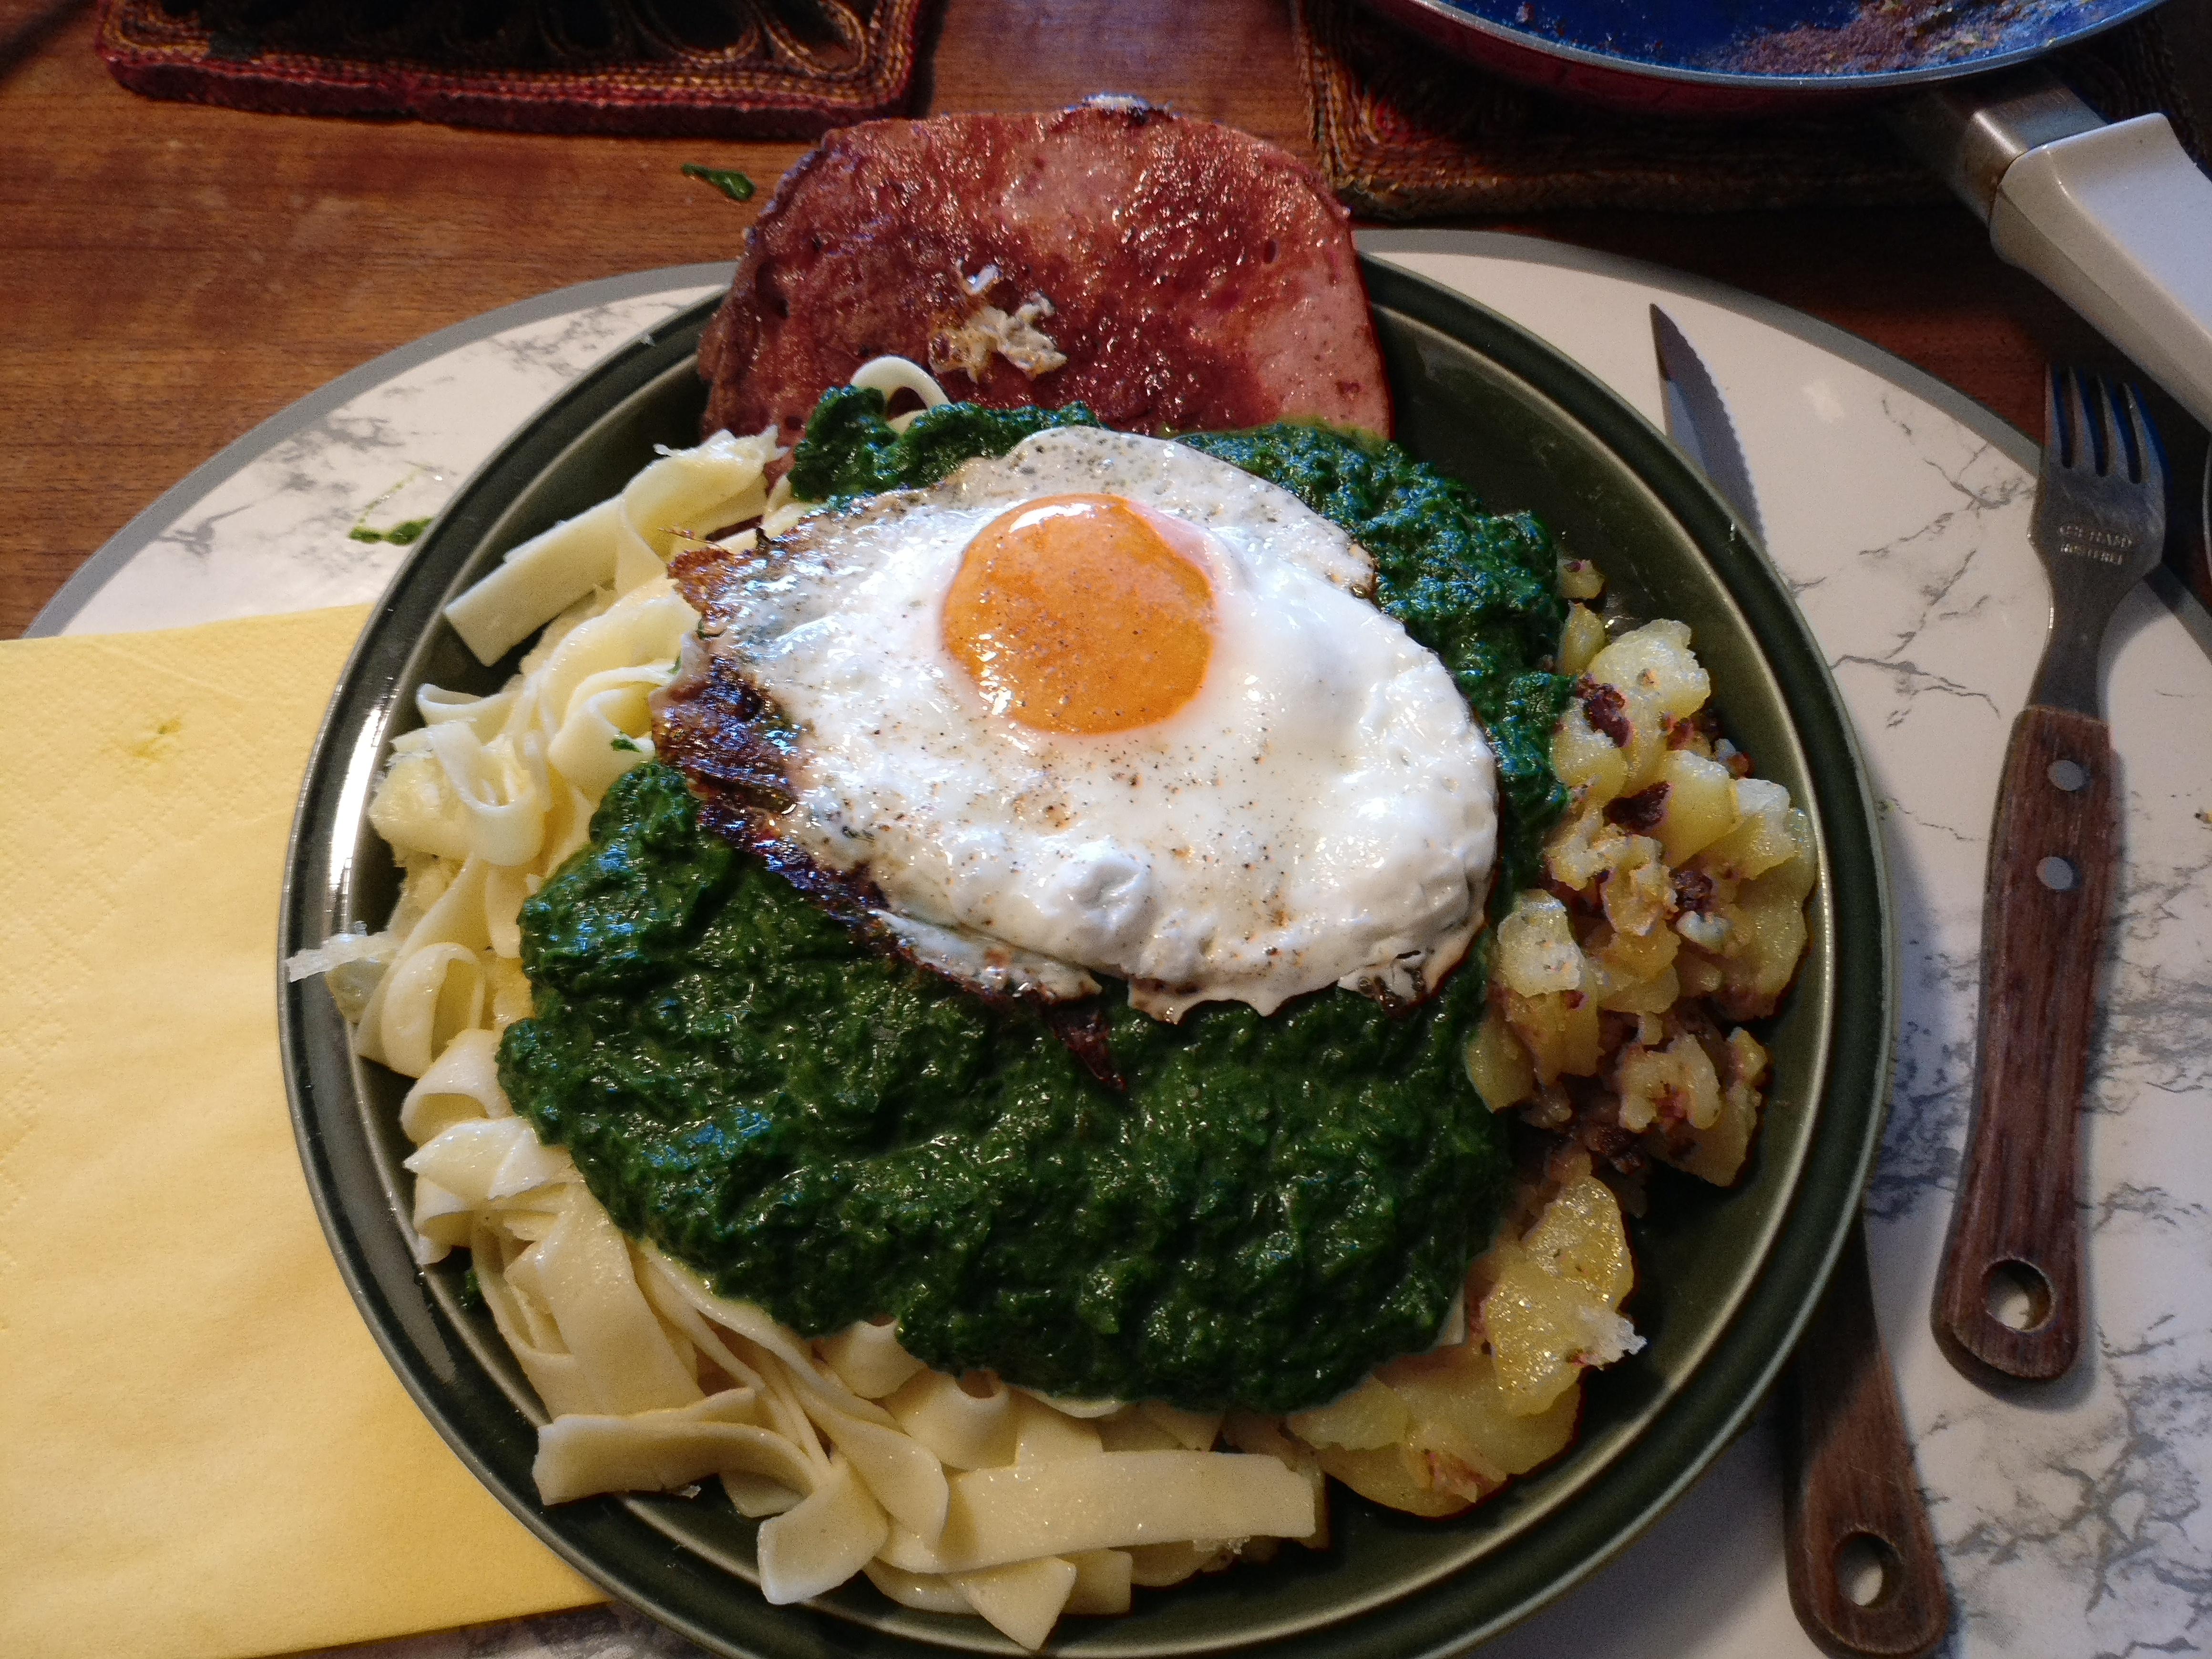 http://foodloader.net/nico_2017-05-24_fleischkaese-spinat-nudeln-bratkartoffeln-spiegelei.jpg